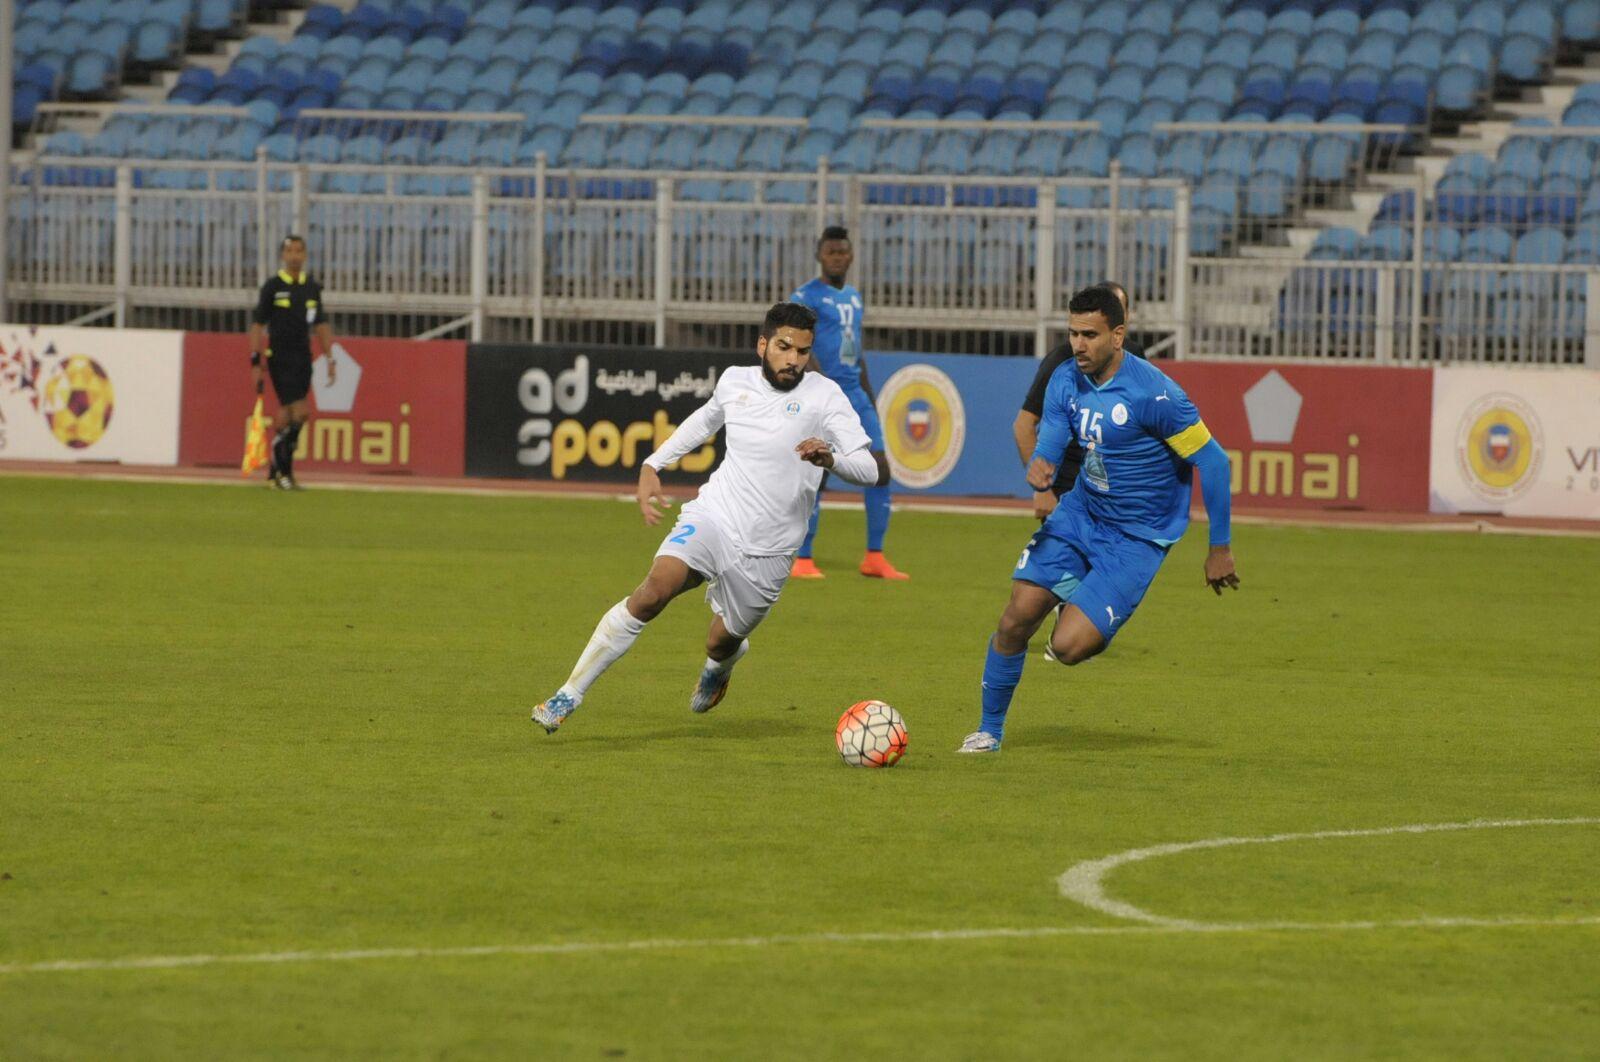 حصار من الحداوي إبراهيم العبيدلي للاعب الرفاع سيد ضياء سعيد